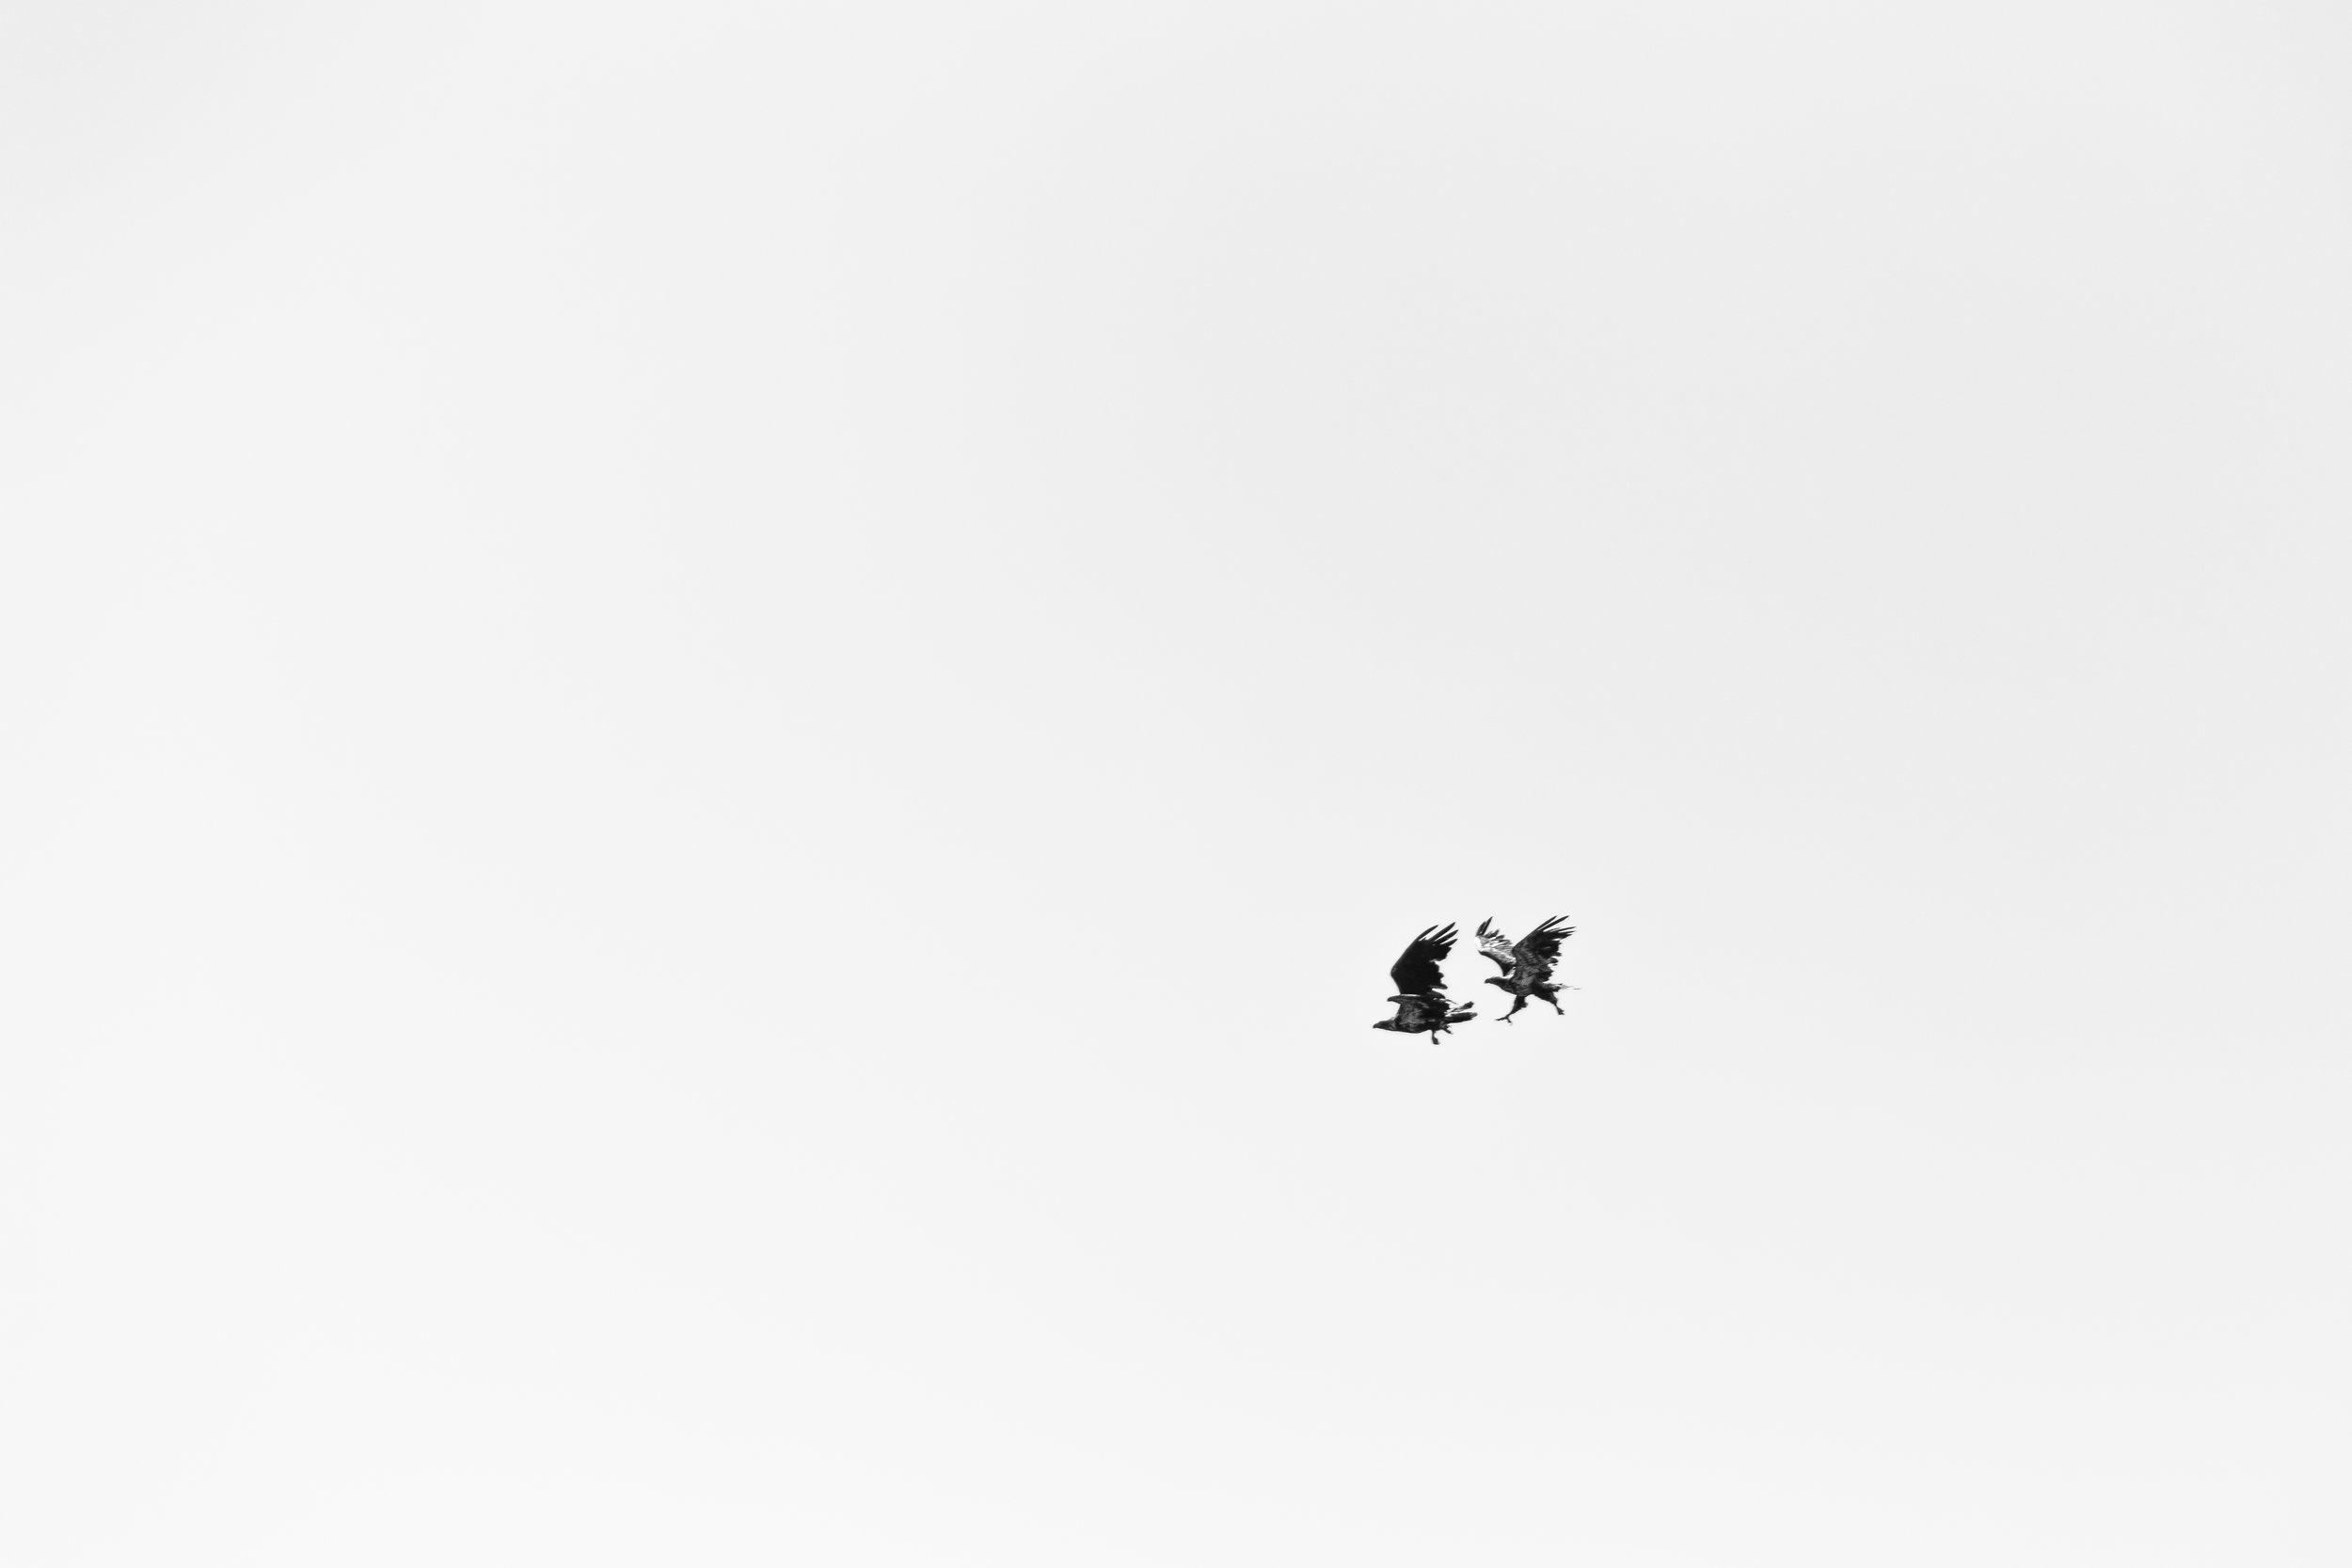 Raptors in Flight, Montana